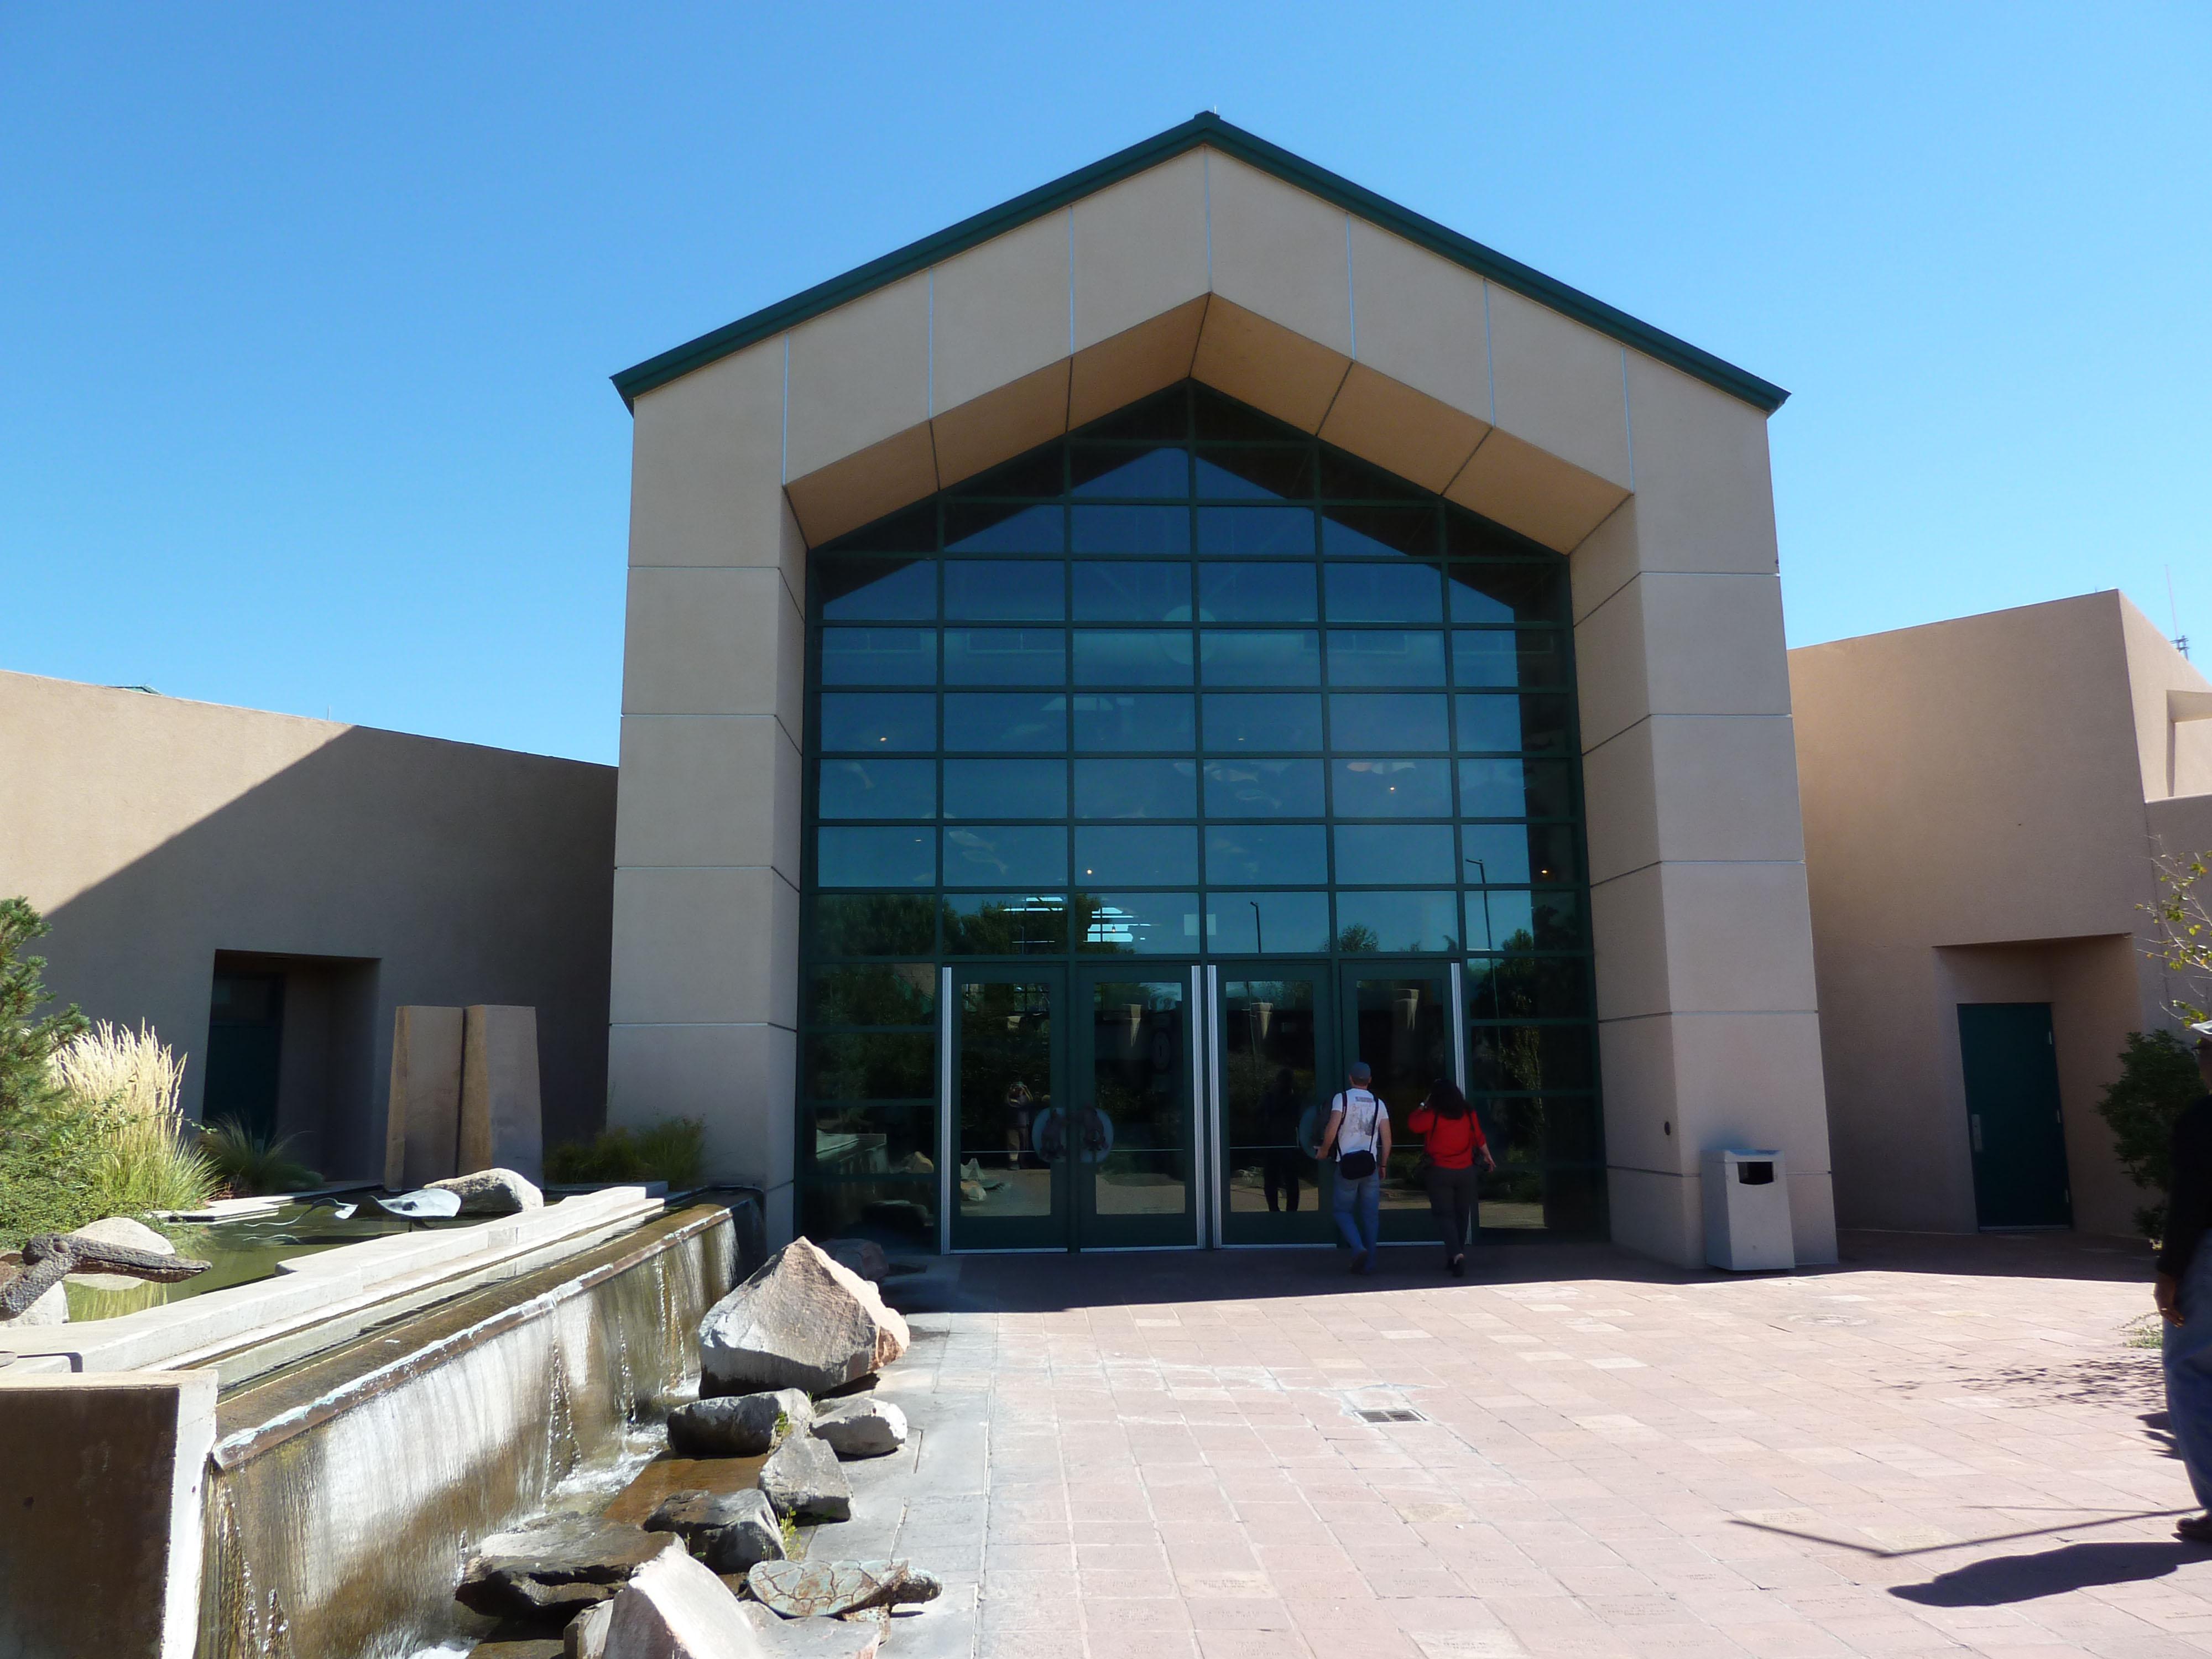 ... and Pavers Waymark - Albuquerque Aquarium - Albuquerque, New Mexico